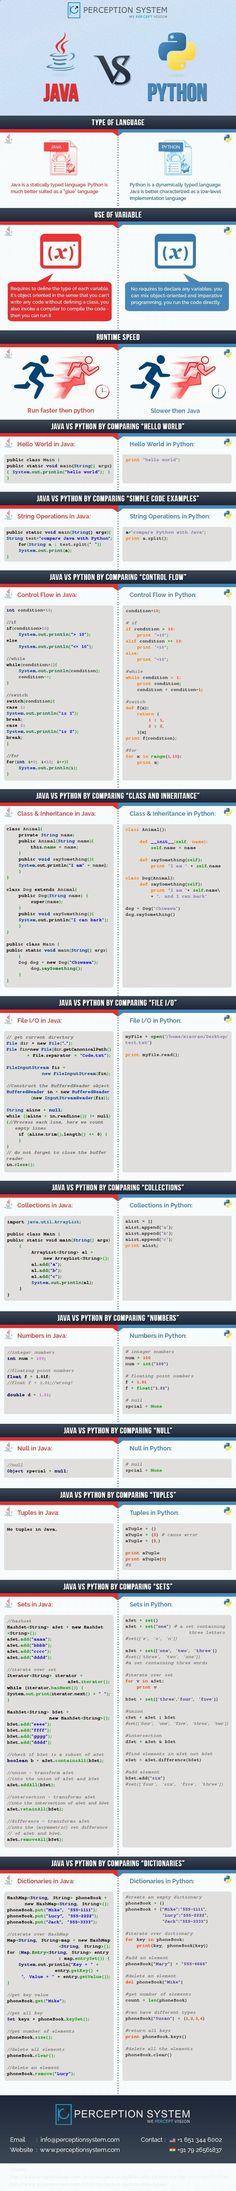 Interesante infografía comparativa entre los lenguajes de programación Java y Python.